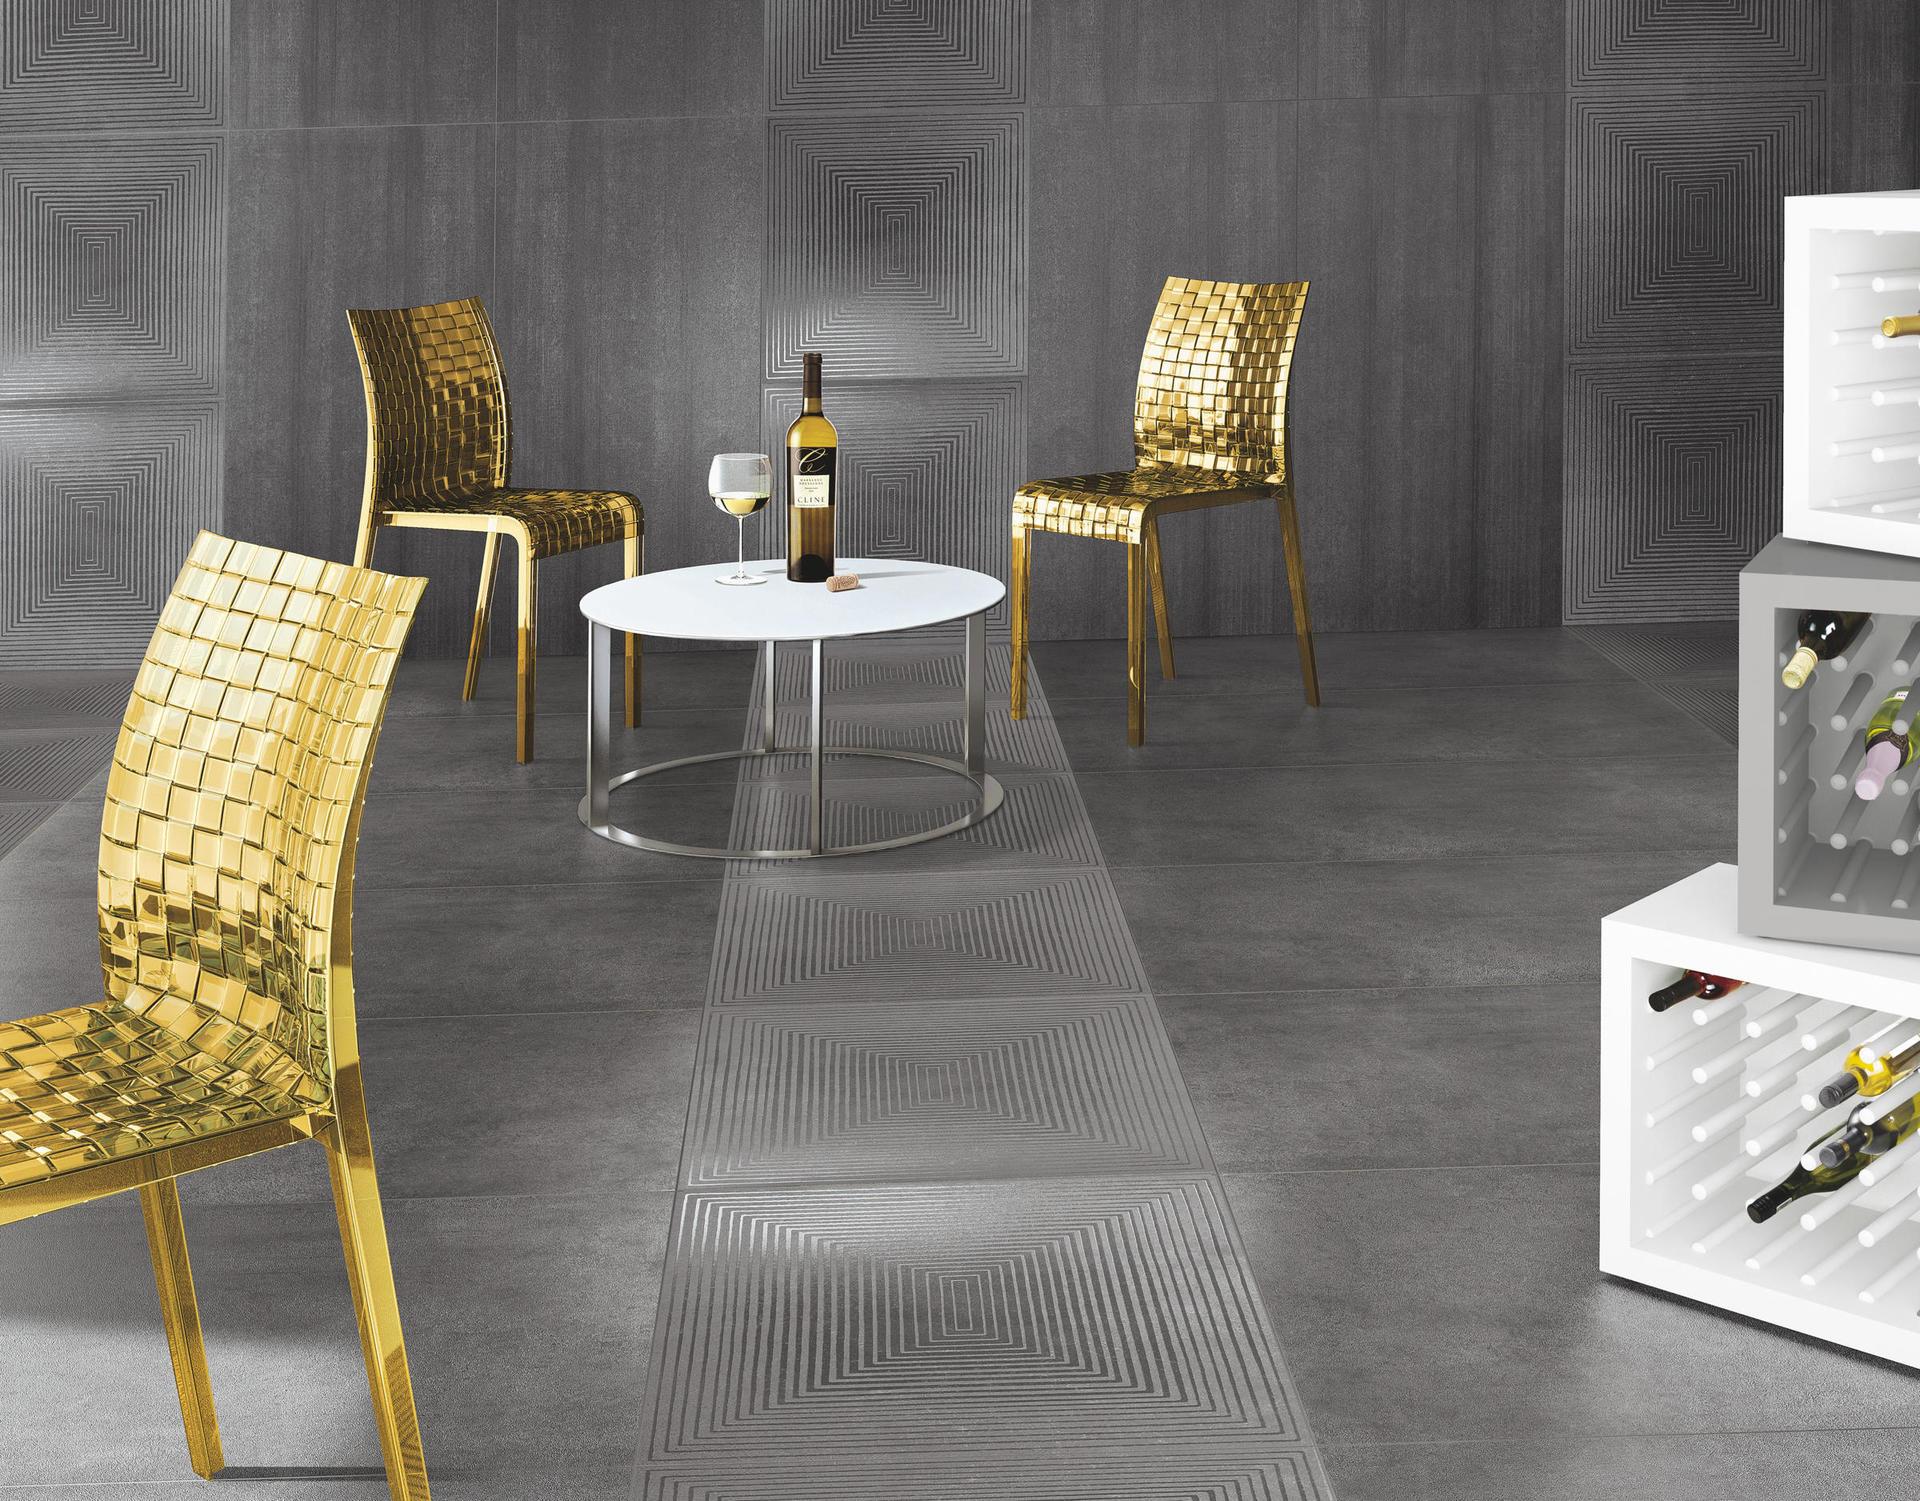 pareti e pavimento in piastrelle grigie e delle sedie dorate